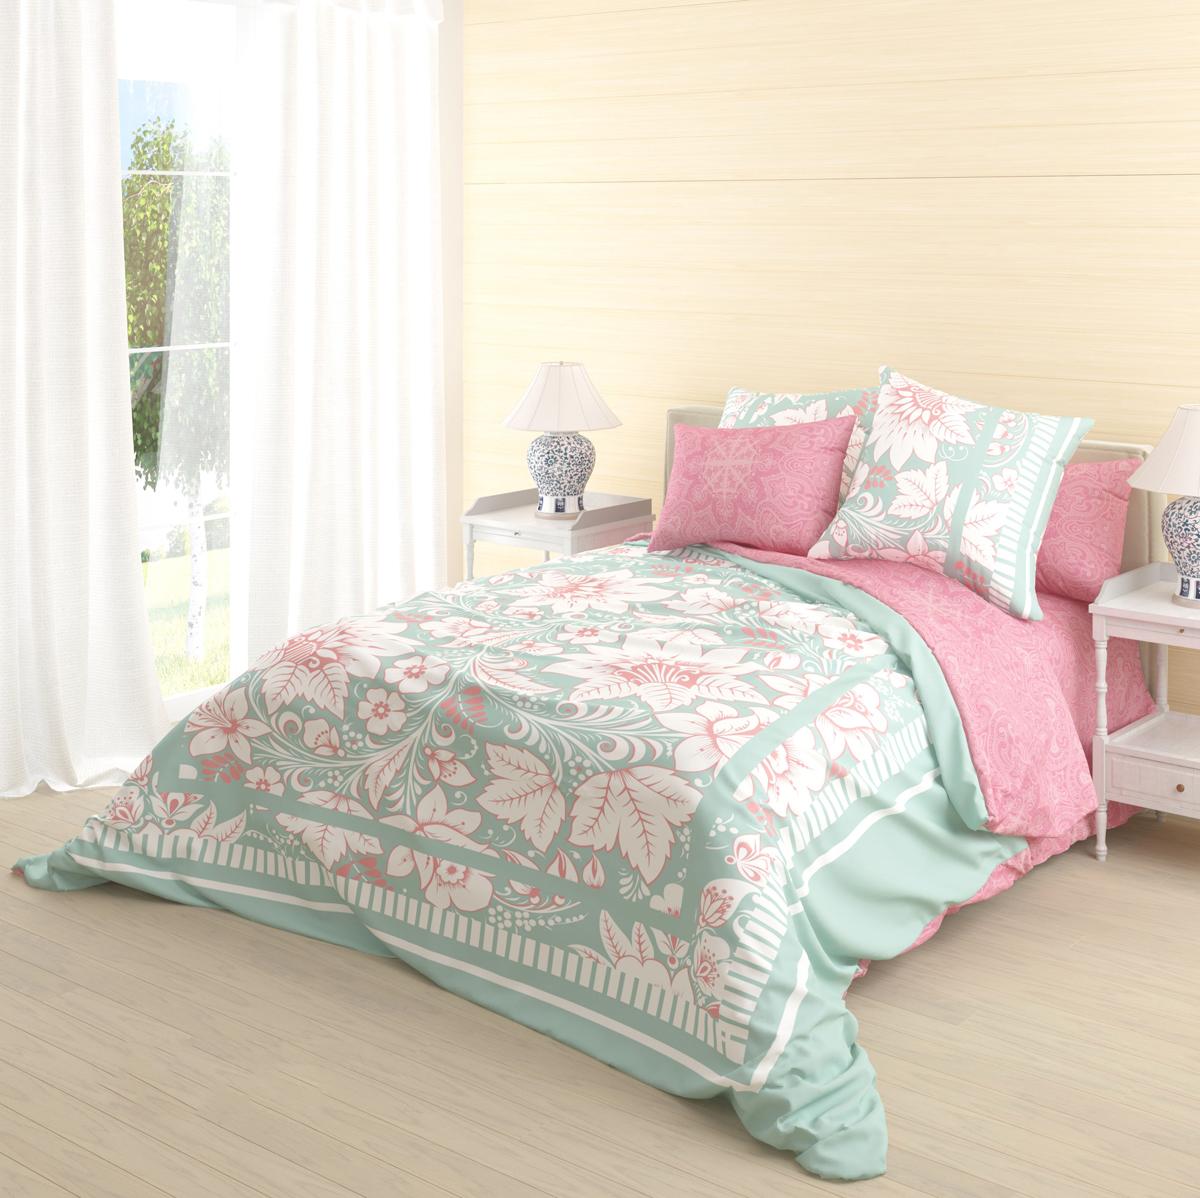 Комплект белья Волшебная ночь Biruza, 1,5-спальный, наволочки 70х70 см постельное белье волшебная ночь алярус biruza комплект 2 спальный ранфорс 718651